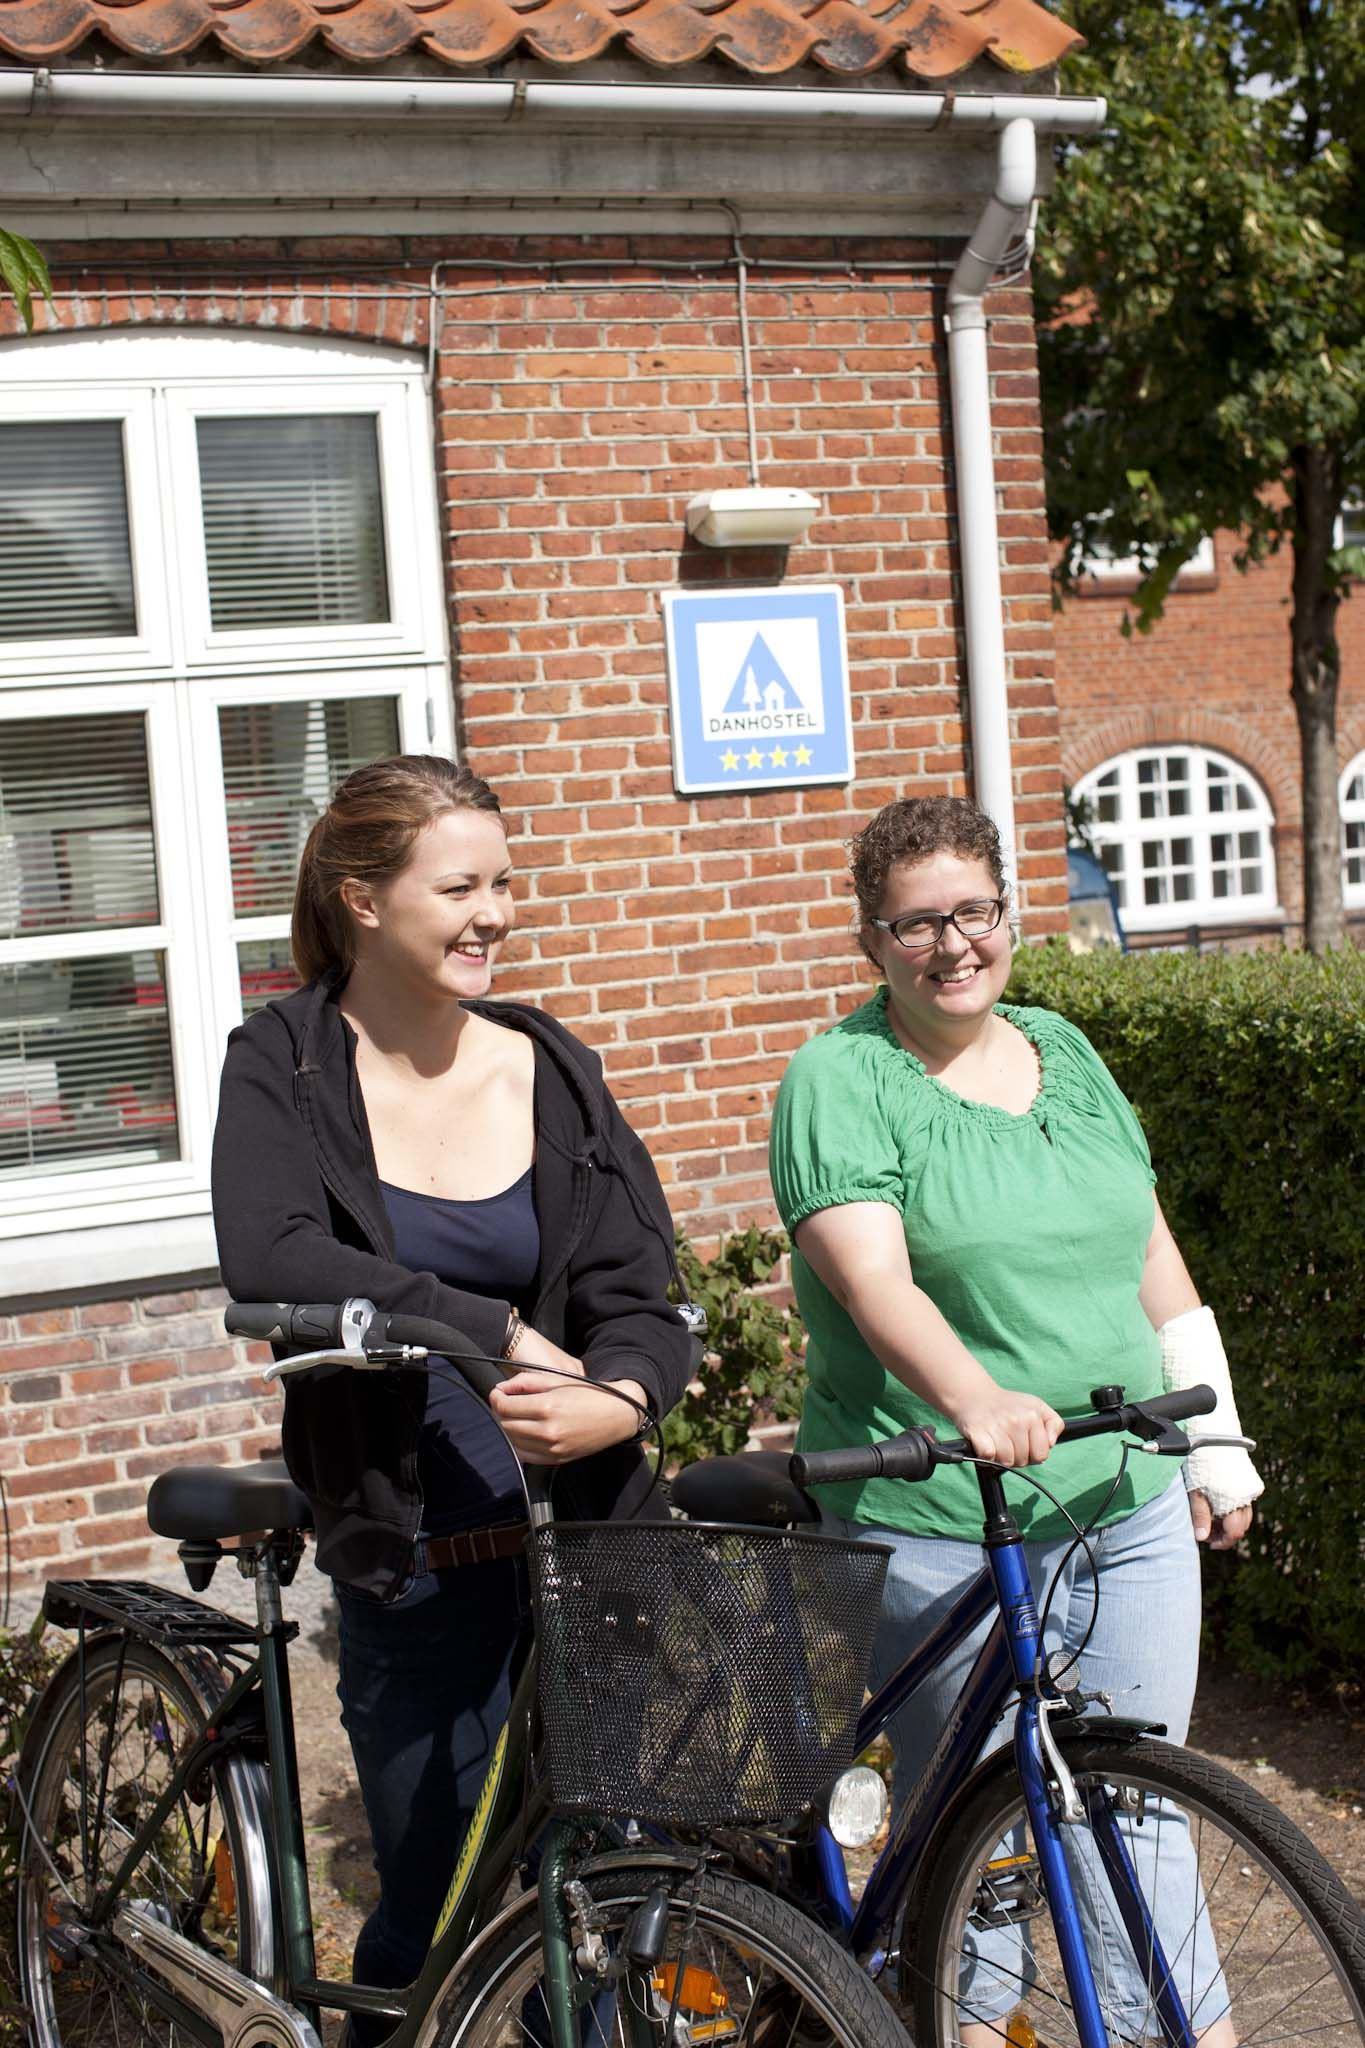 Mieten Sie im Danhostel Haderslev ein Fahrrad